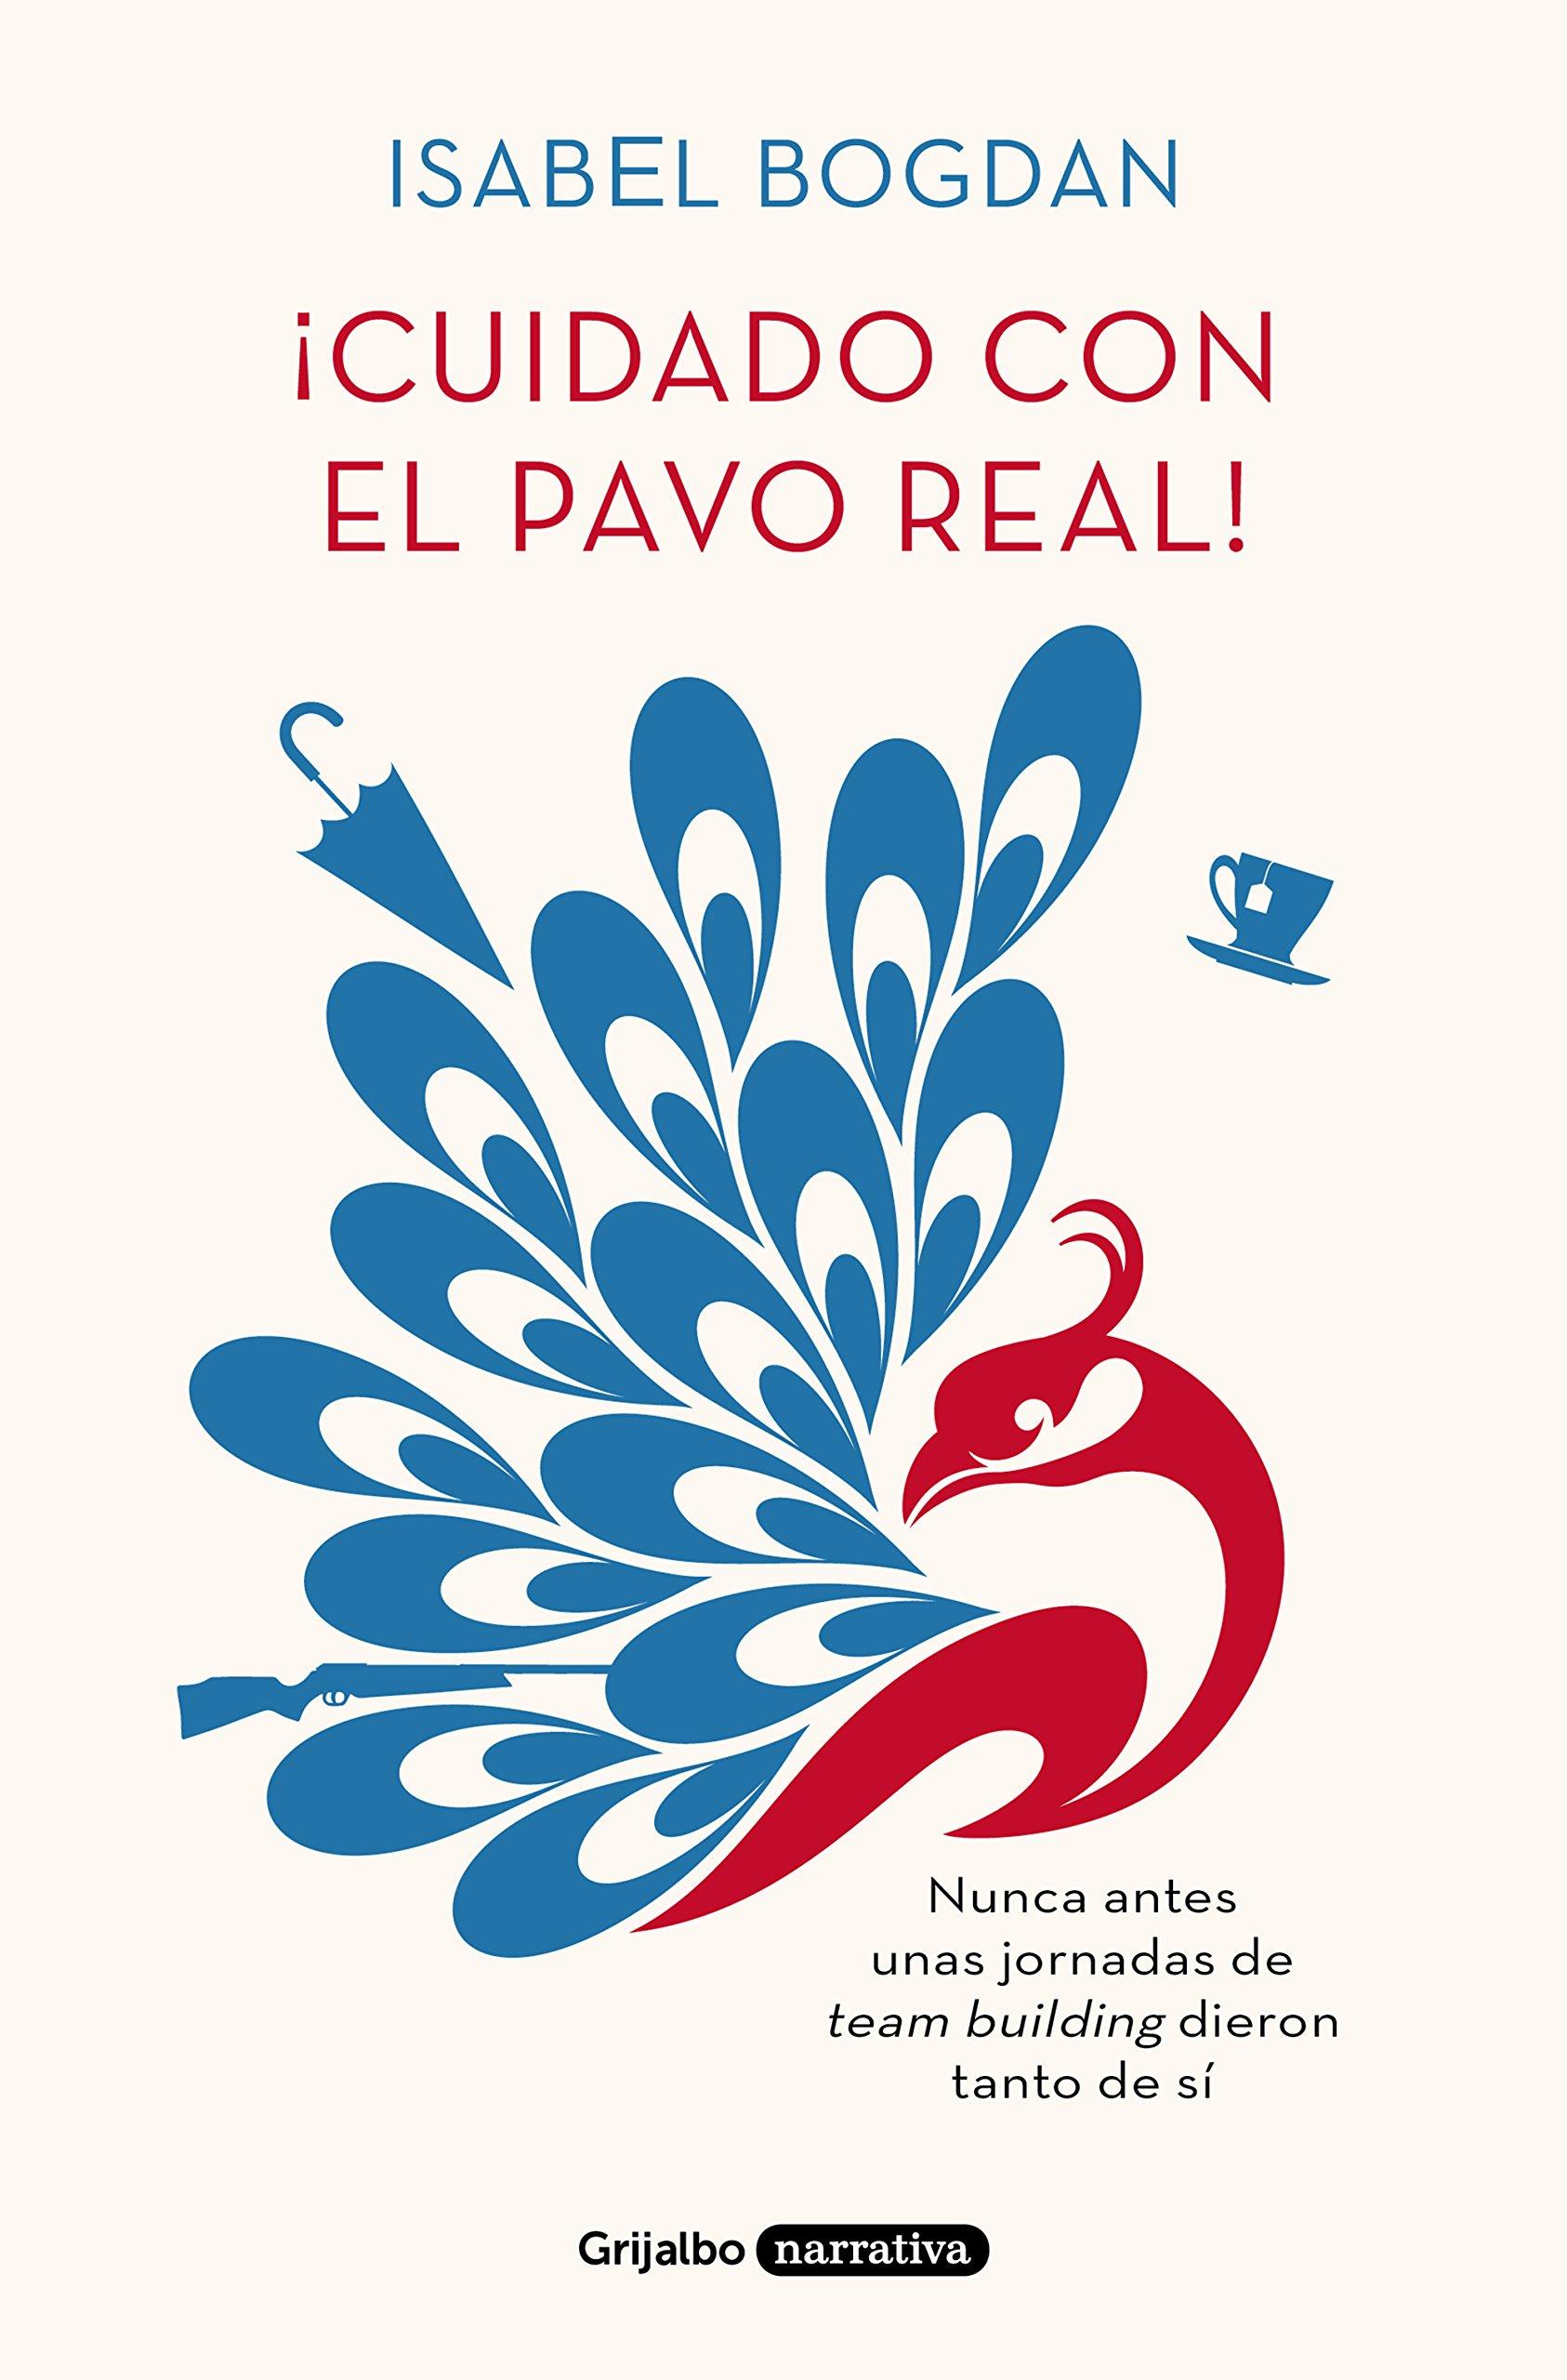 ¡Cuidado con el pavo real! (Grijalbo Narrativa): Amazon.es: Isabel Bogdan, CLAUDIA; TODA CASTAN: Libros